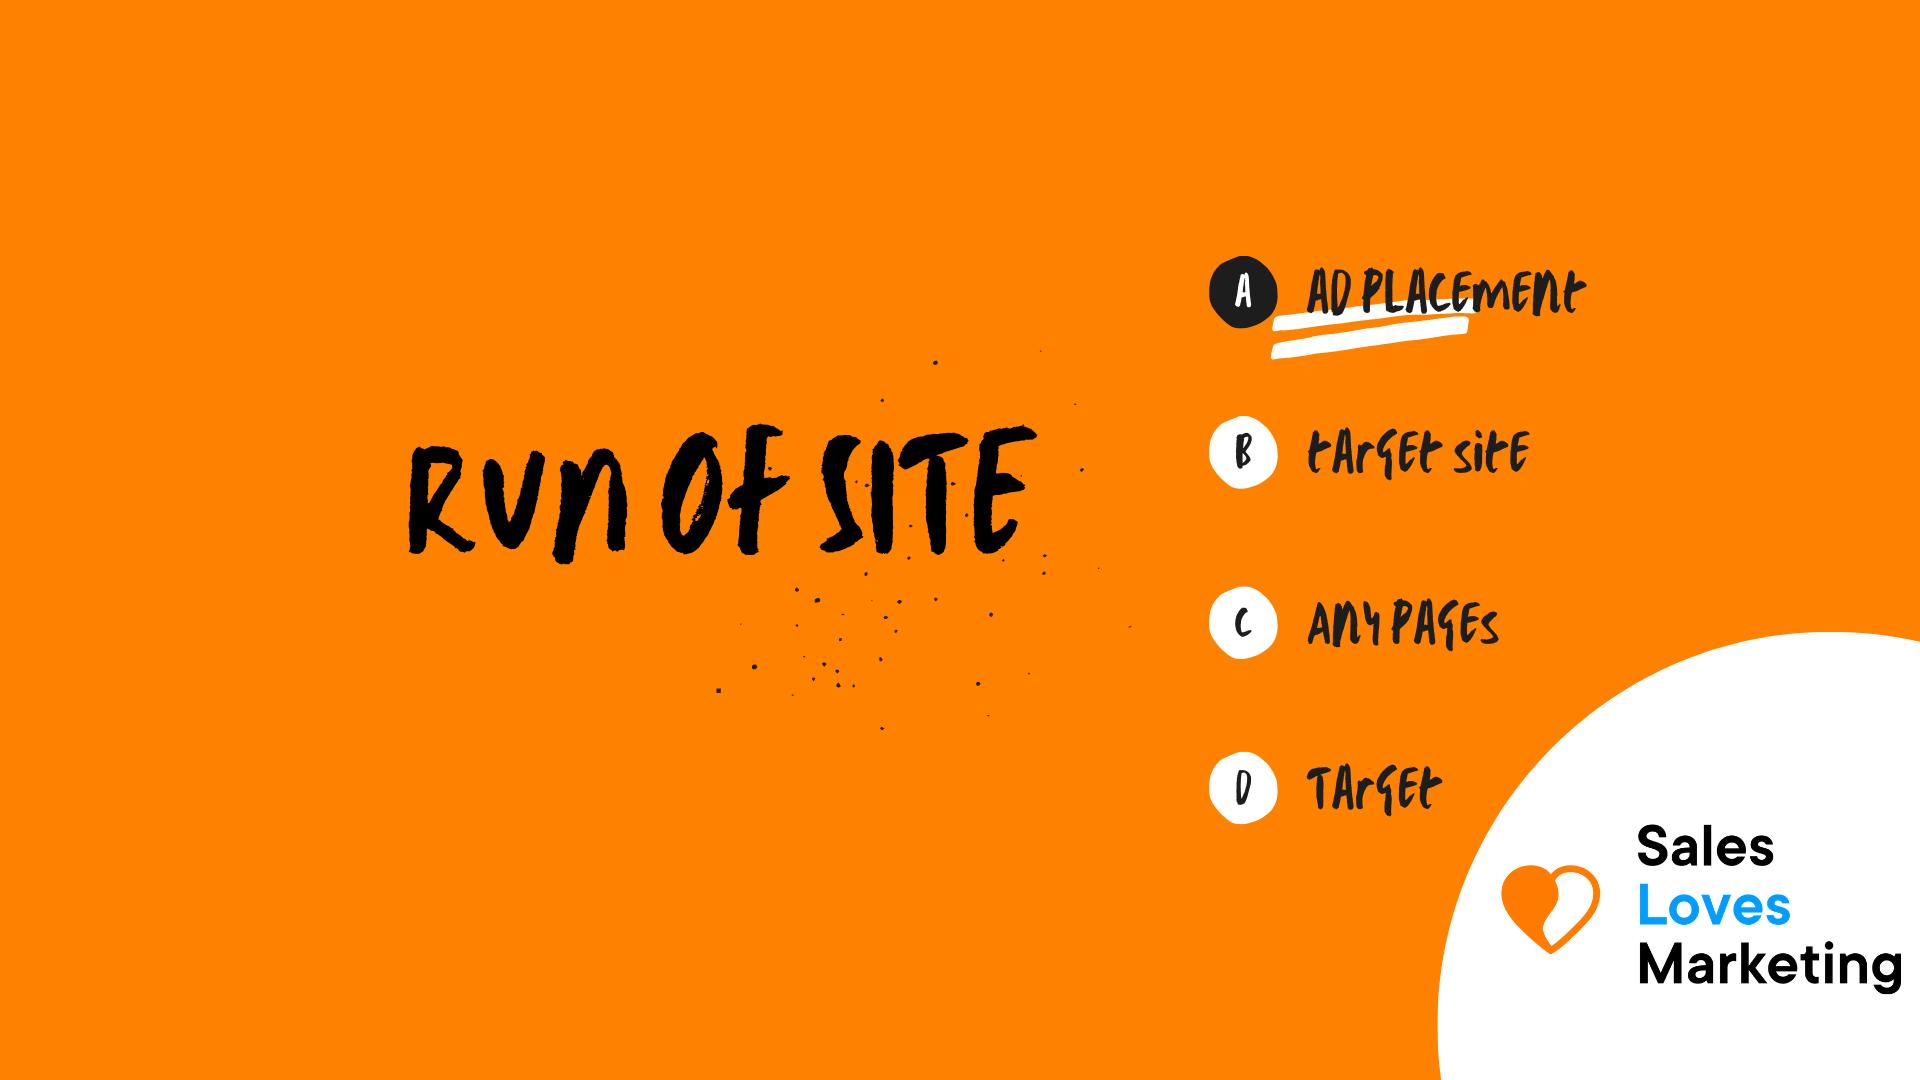 Run of Site (ROS)